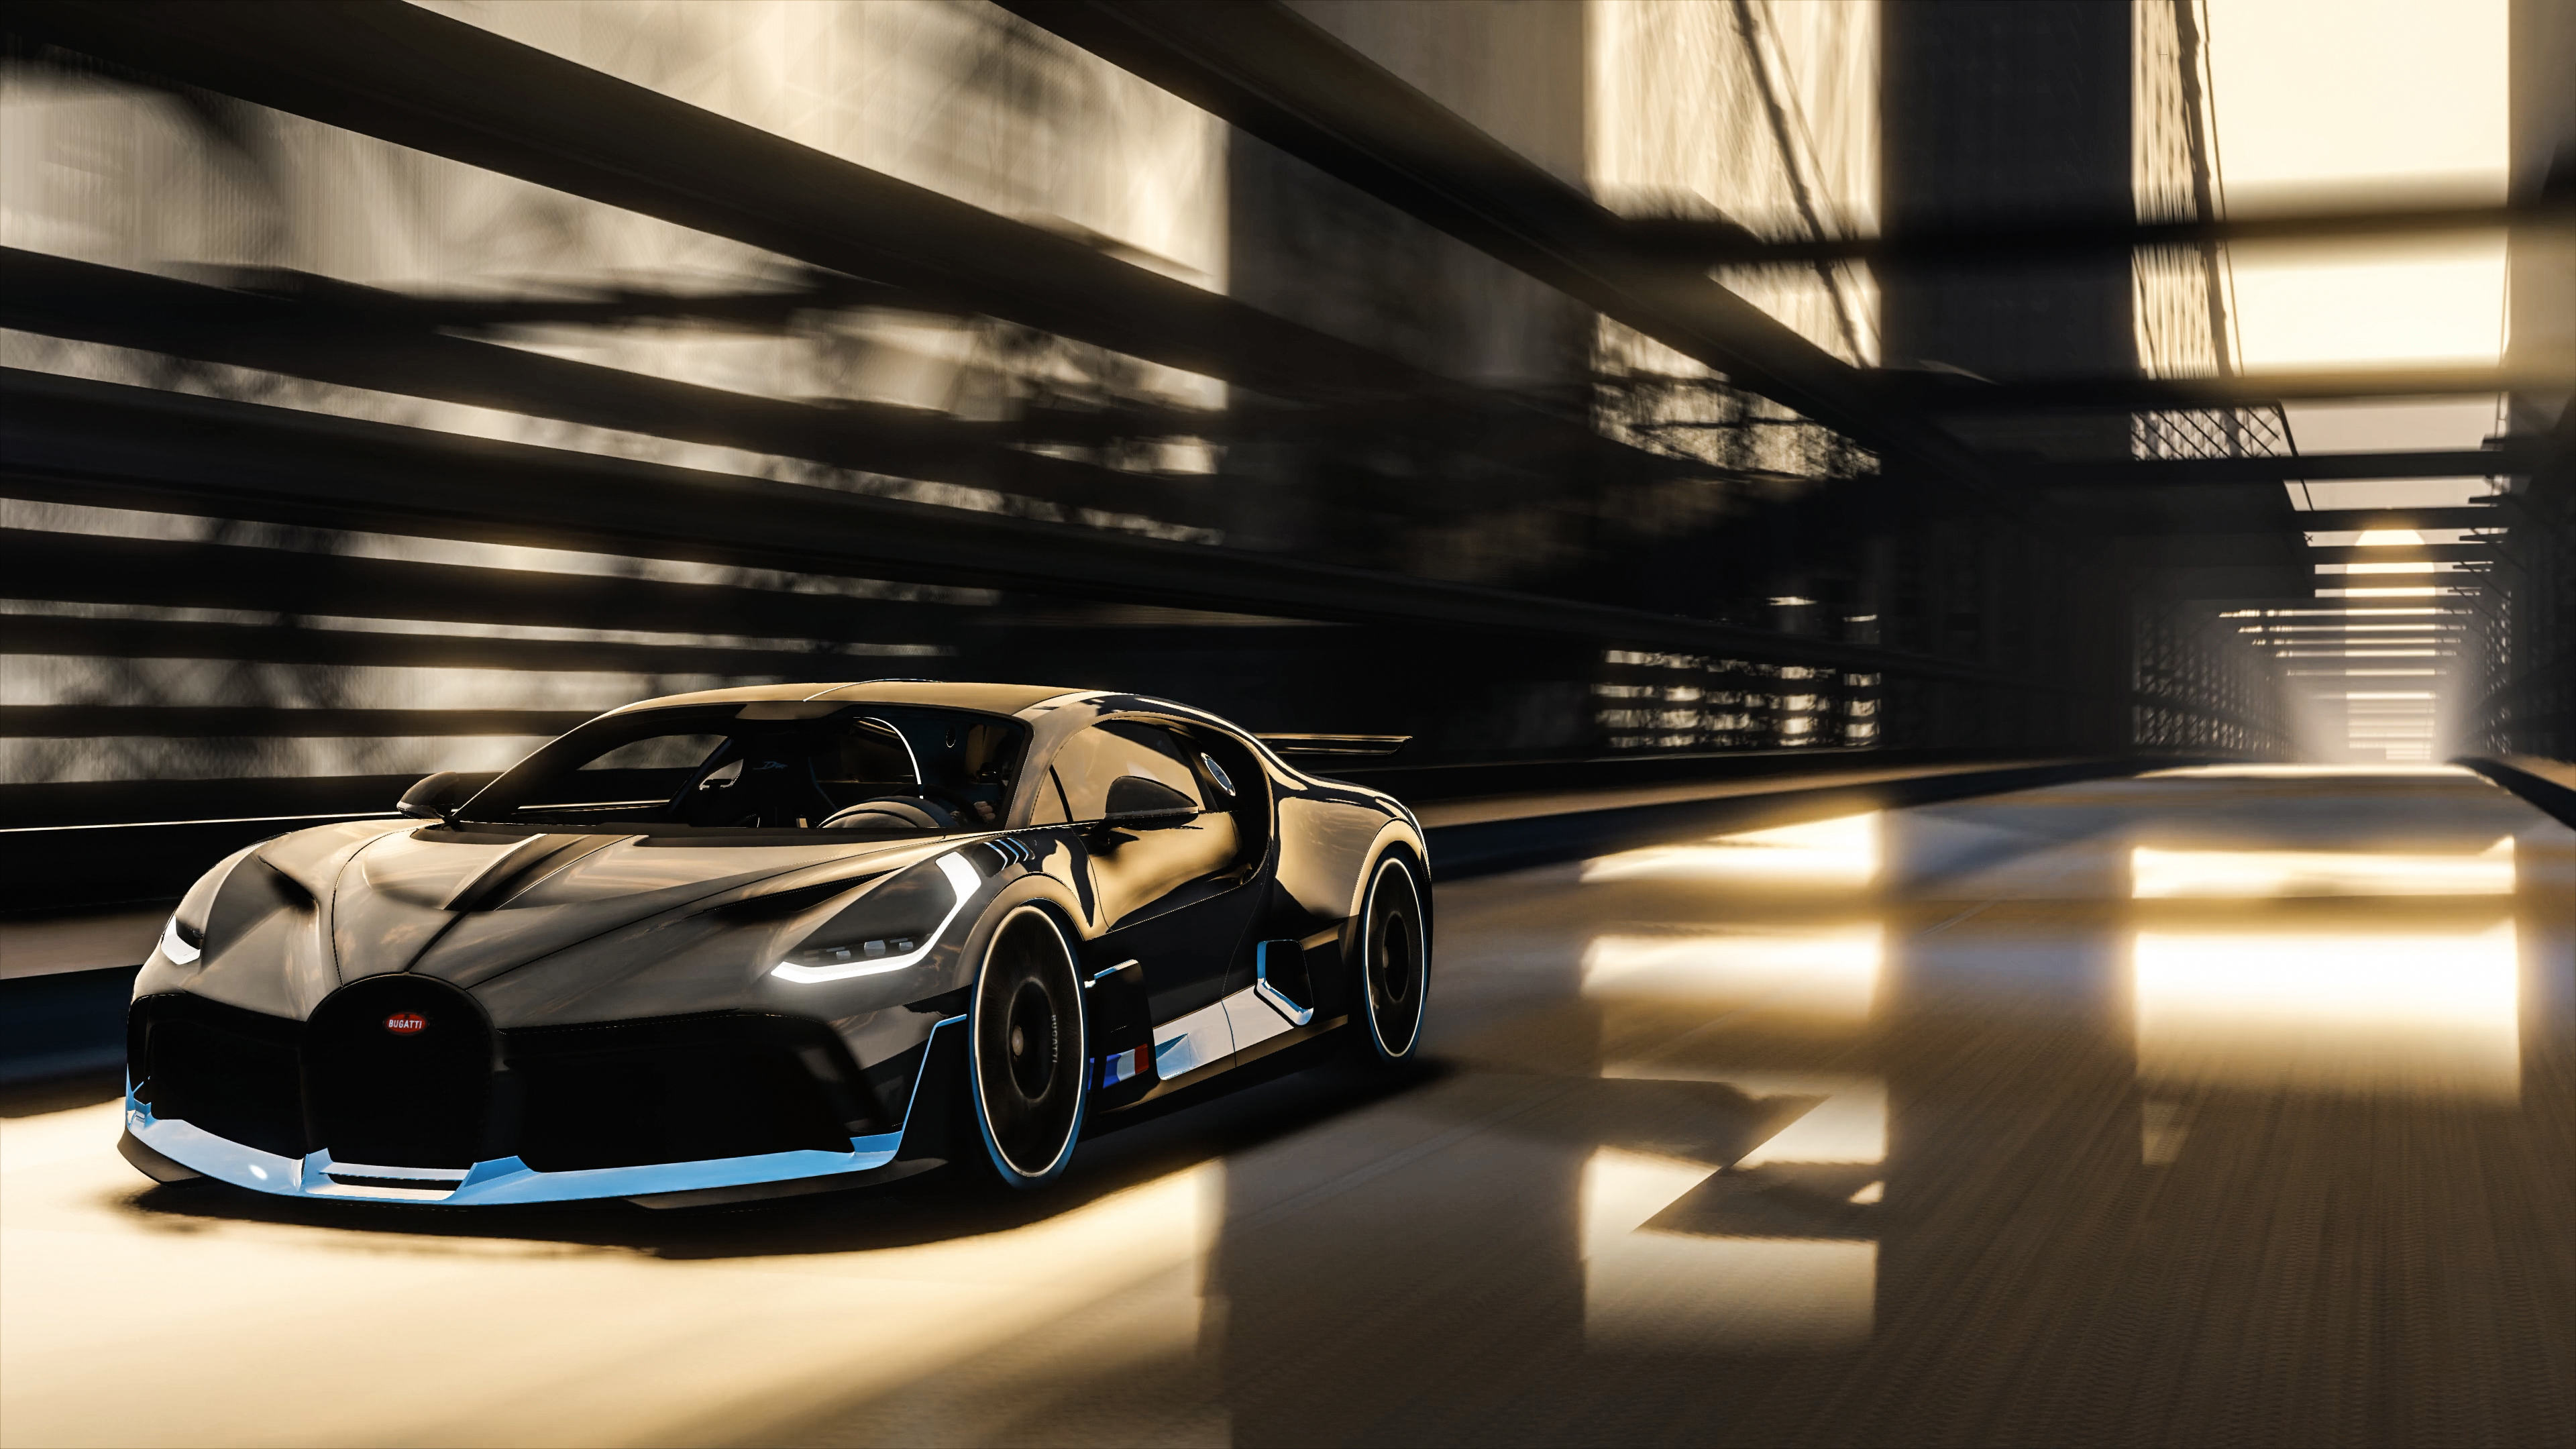 Wallpaper 4k Gta V Bugatti Divo 4k 2018 cars wallpapers, 4k